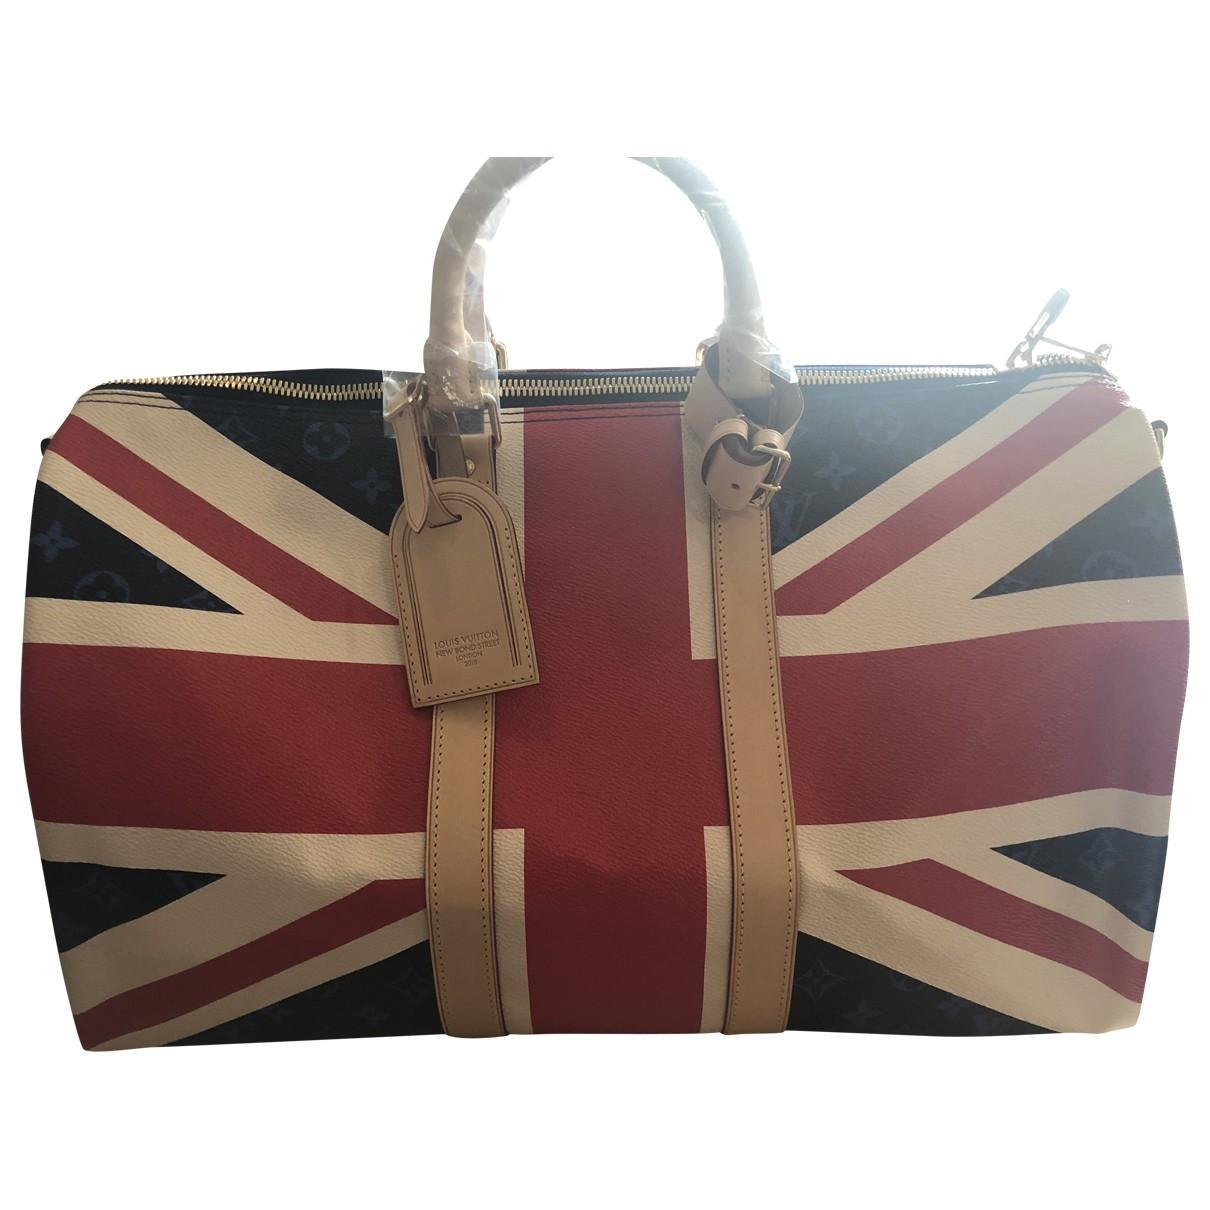 6d627df1f9a6 Louis Vuitton. Women s Keepall Cloth 48h Bag